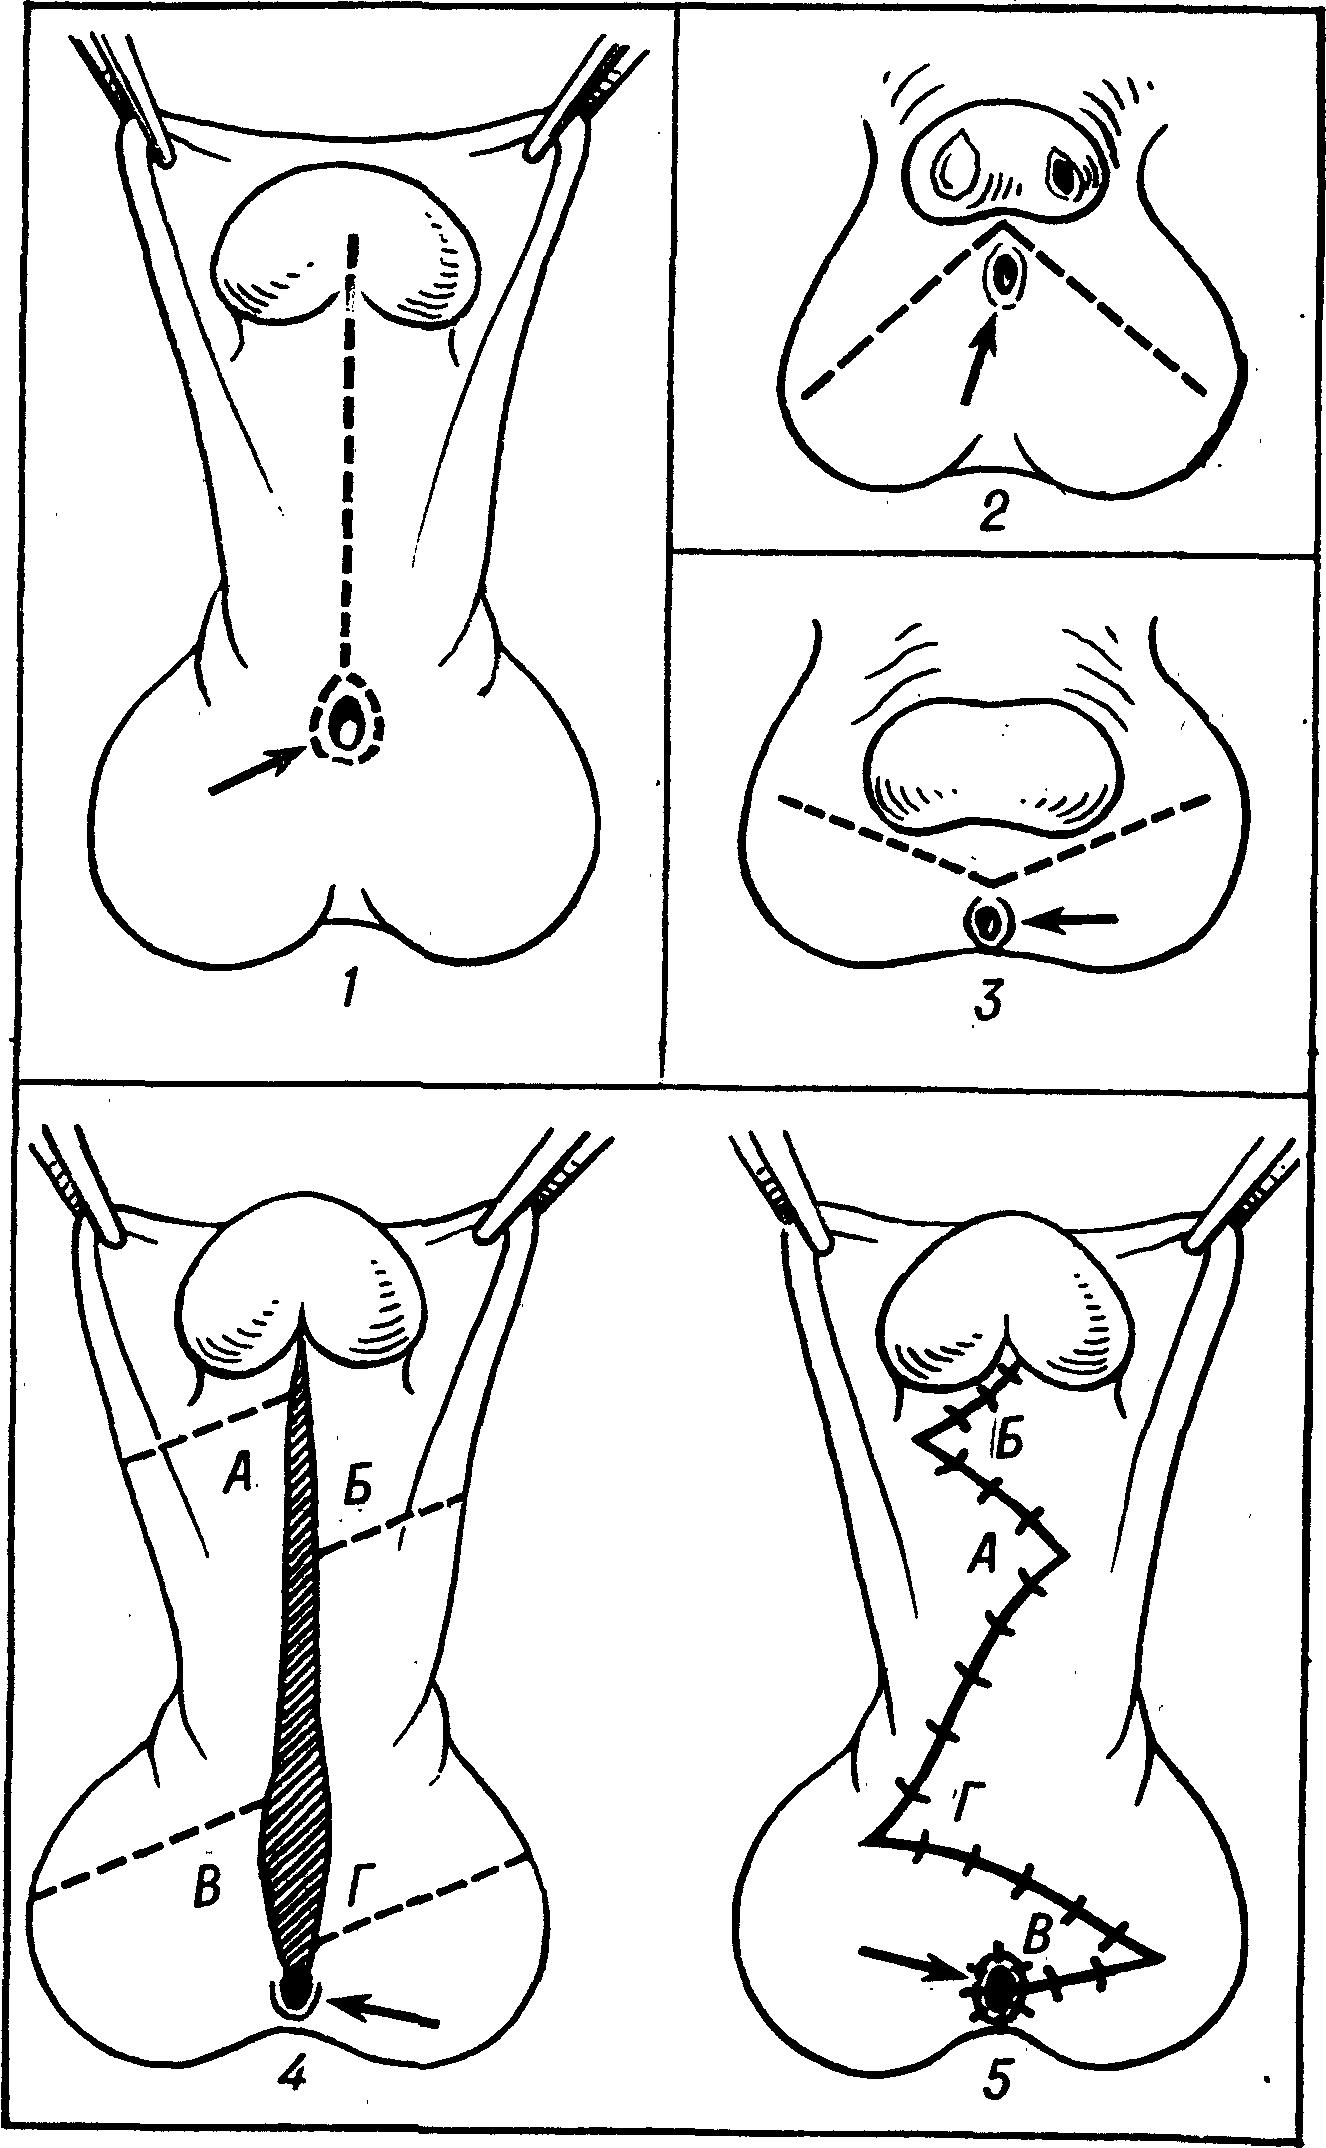 Рис. 1. Схема операции выпрямления полового члена при гипоспадии: 1—3 — варианты кожных разрезов при различных формах гипоспадии; 4 — линии разрезов кожи для выкраивания треугольных лоскутов — А—Г (в середине рисунка заштрихована область иссеченного рубца); 5 — операция завершена, лоскуты перемещены. Стрелками указано отверстие уретры, пунктиром — линии разрезов.